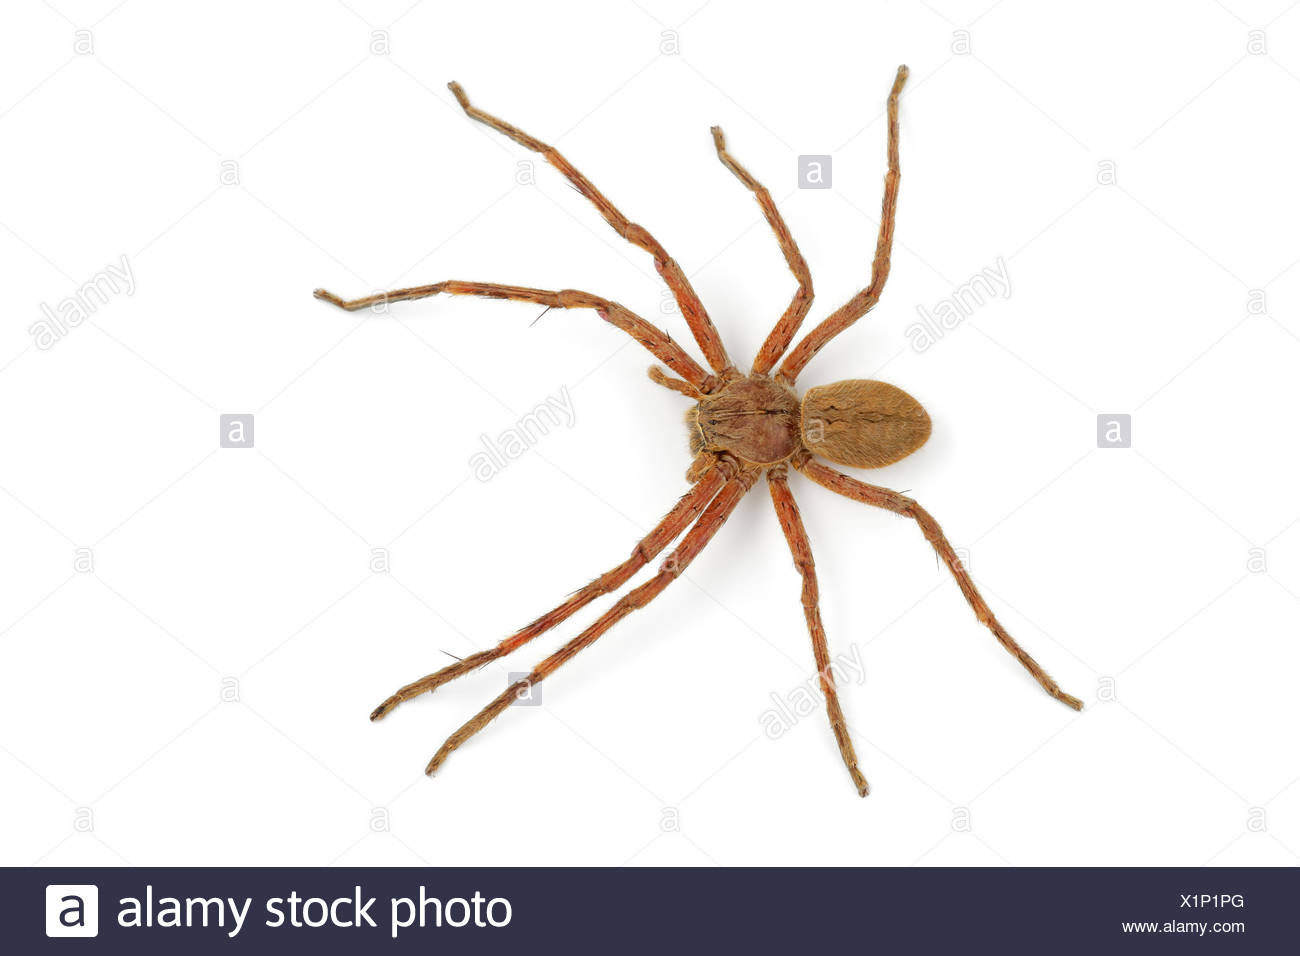 Schön Spinne Färbung Seite Bilder - Malvorlagen Von Tieren - ngadi.info